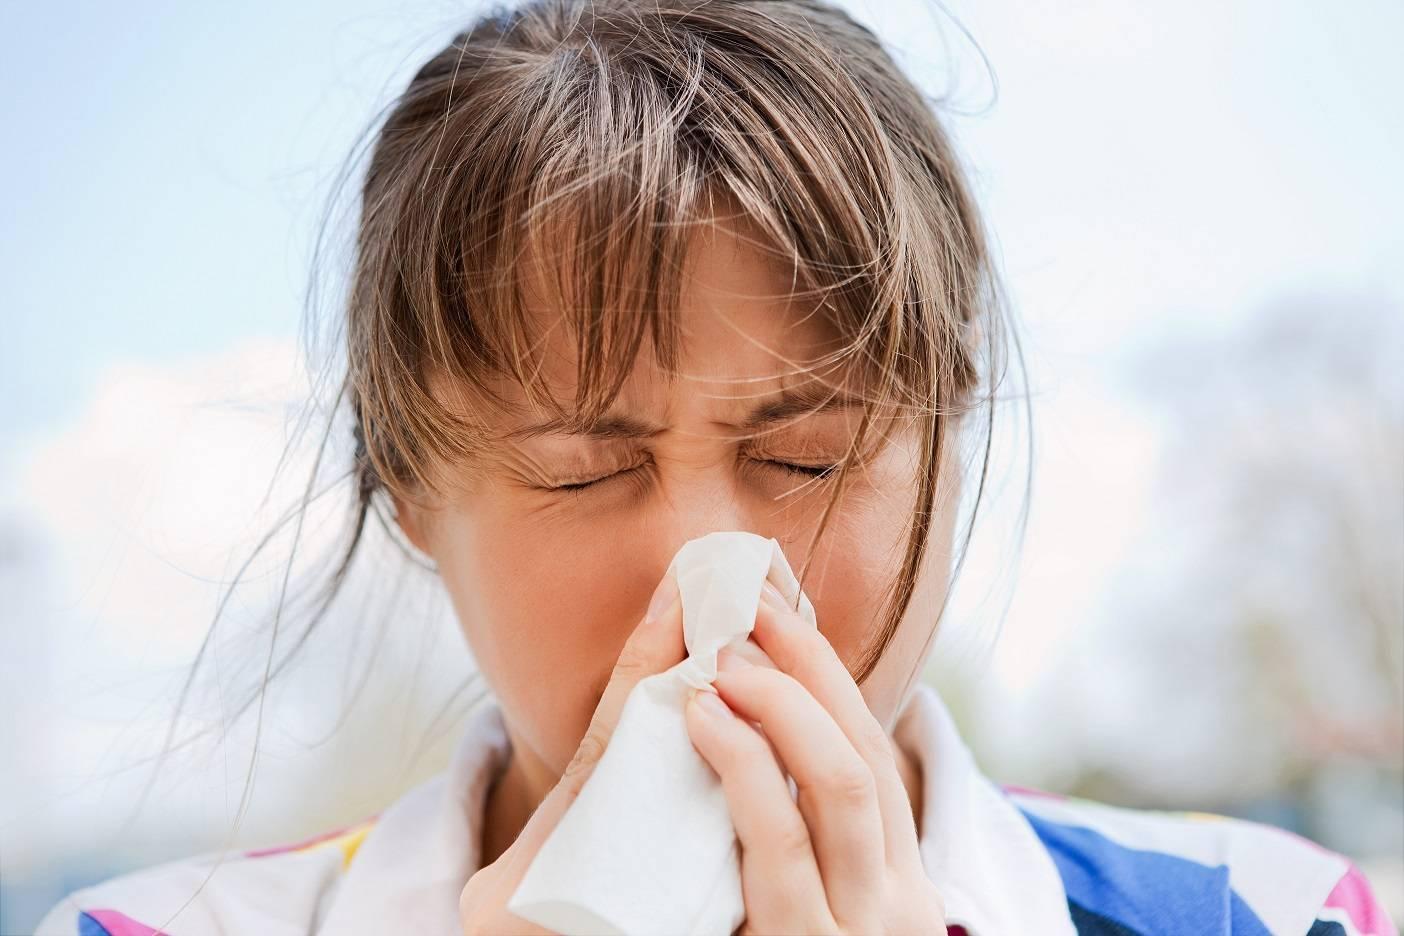 Заложенность носа при аллергии: симптомы, лечение, профилактика